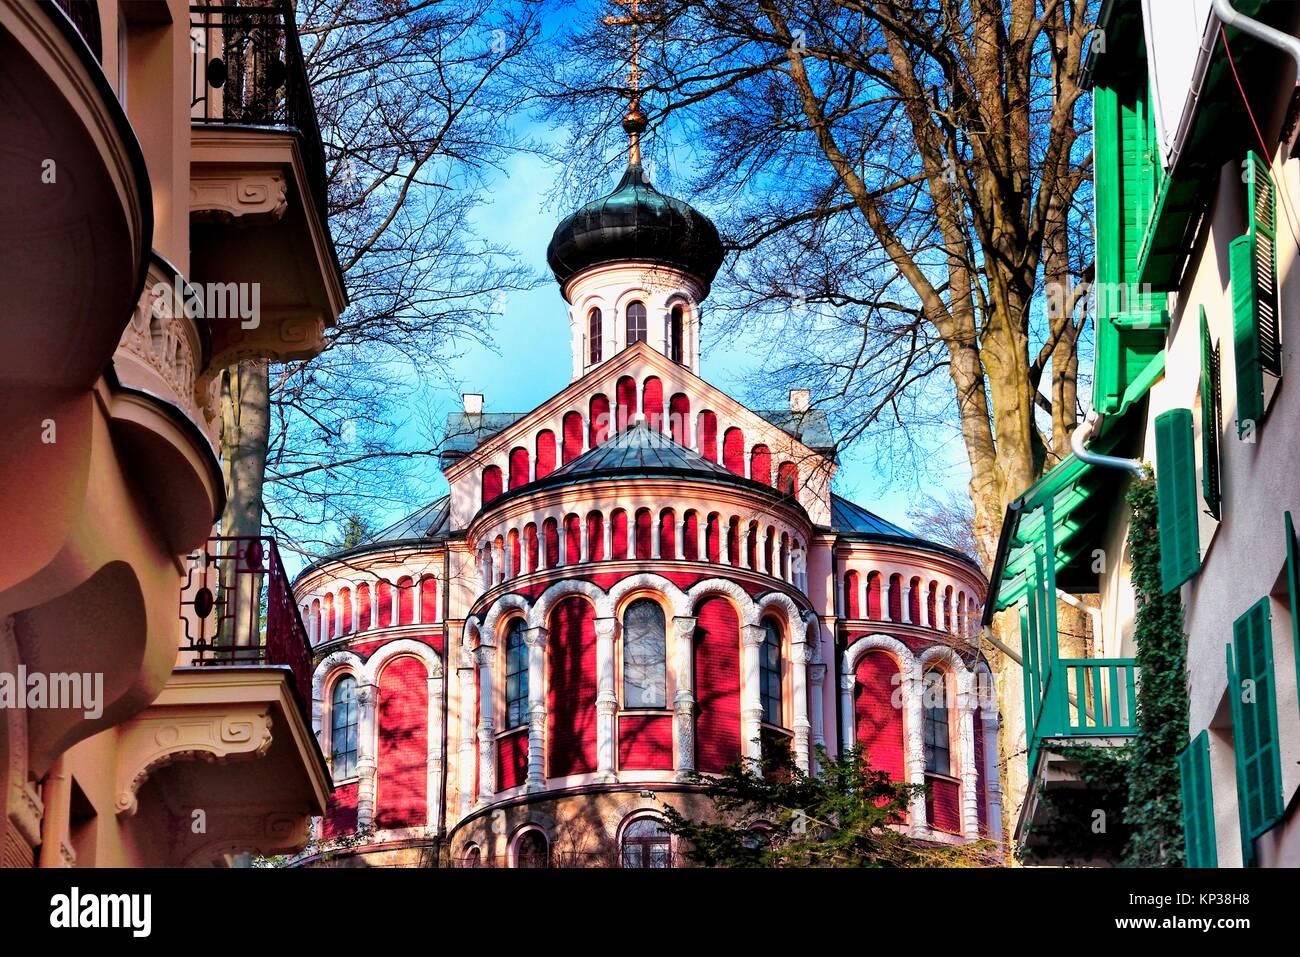 Ortodox Church, Mariánské Lázne, Karlovy Vary Region, Bohemia, Czech Republic - Stock Image